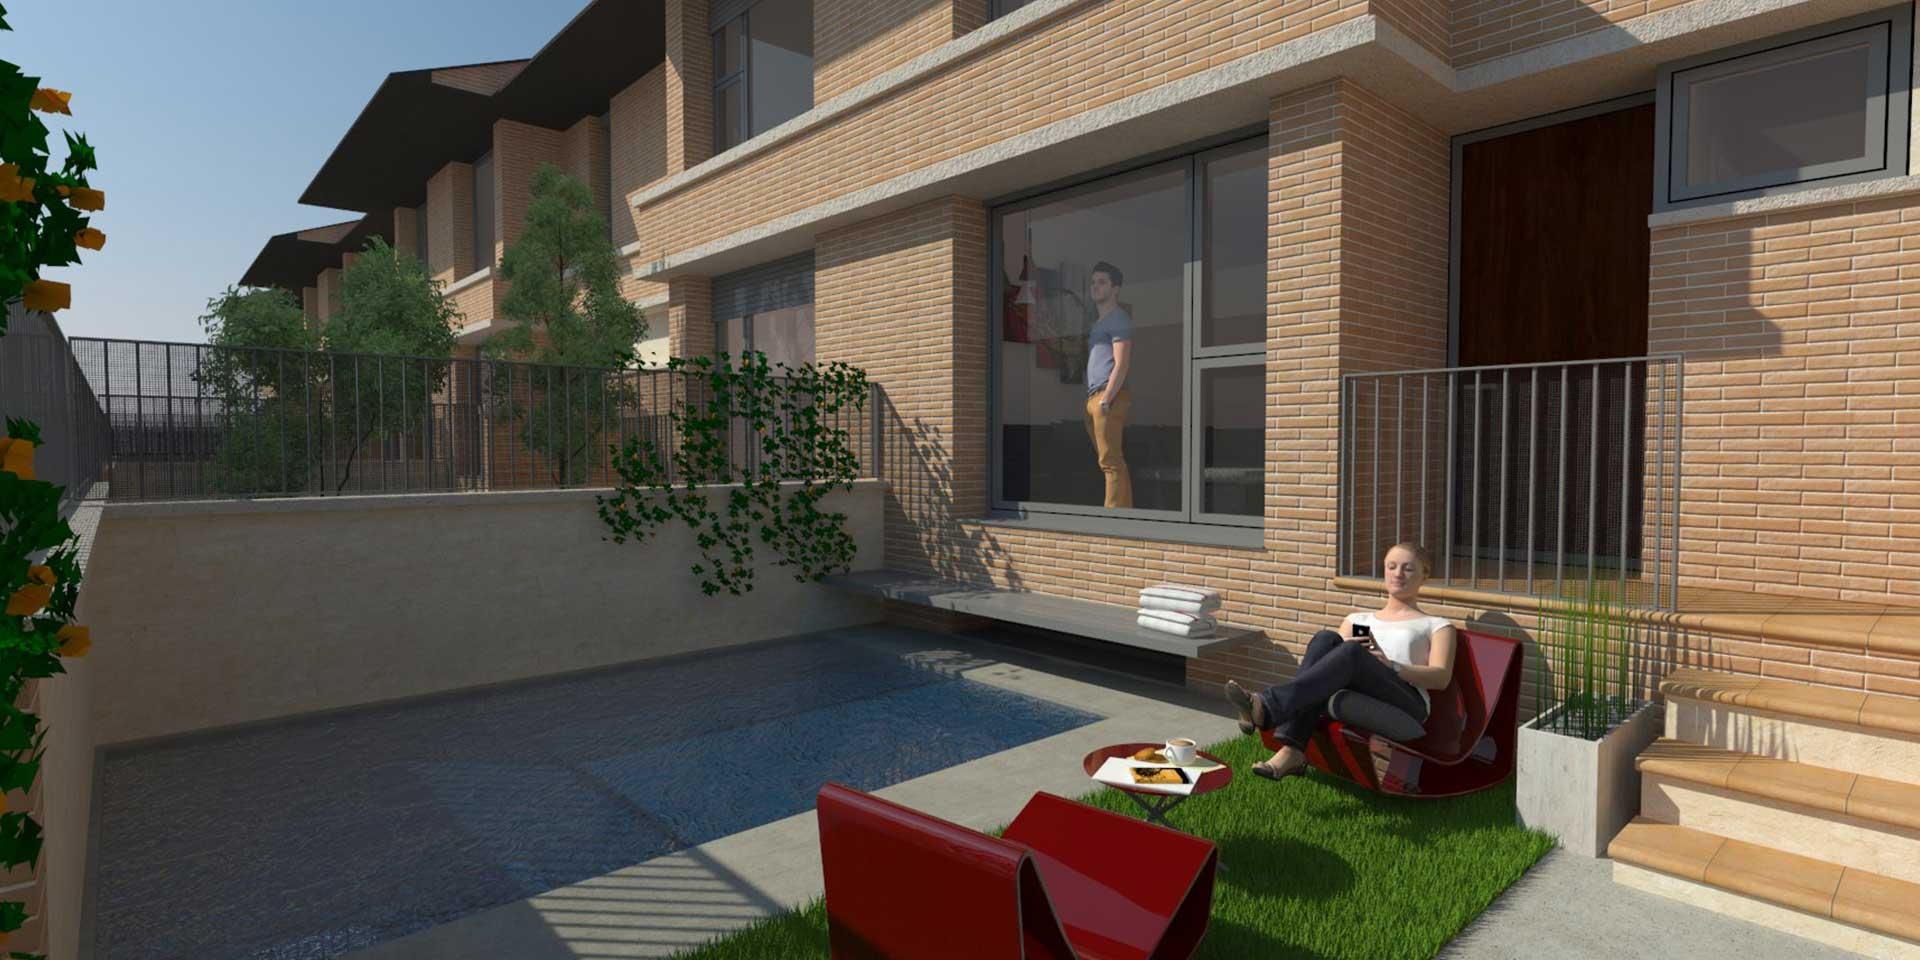 Terraza con piscina residencial continental viviendas unifamiliares albacete